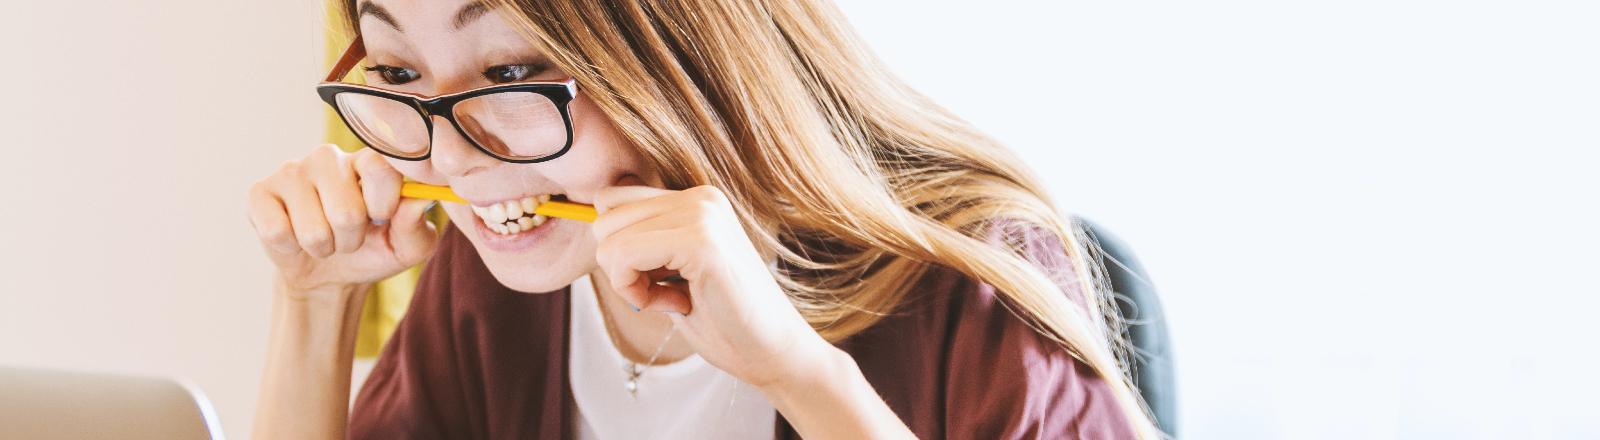 Eine junge Frau beißt auf einen Stift.